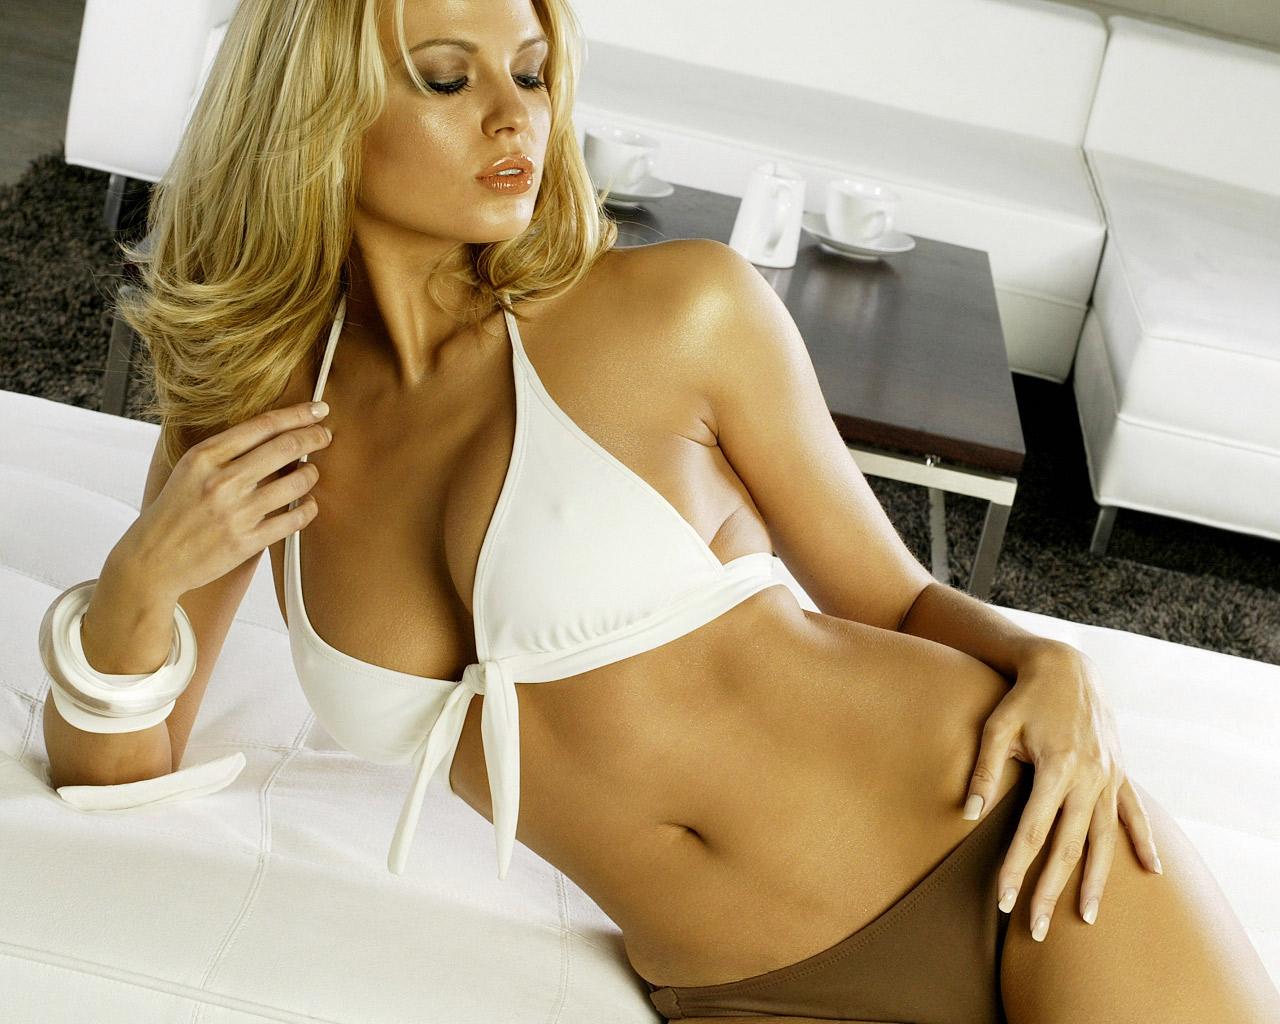 http://3.bp.blogspot.com/-CCzi-elLHdI/TbGn9P9o0nI/AAAAAAAAAfQ/dlZSI3JZvU0/s1600/Irina_Voronina%252C_Hot_Russian_Star.jpg